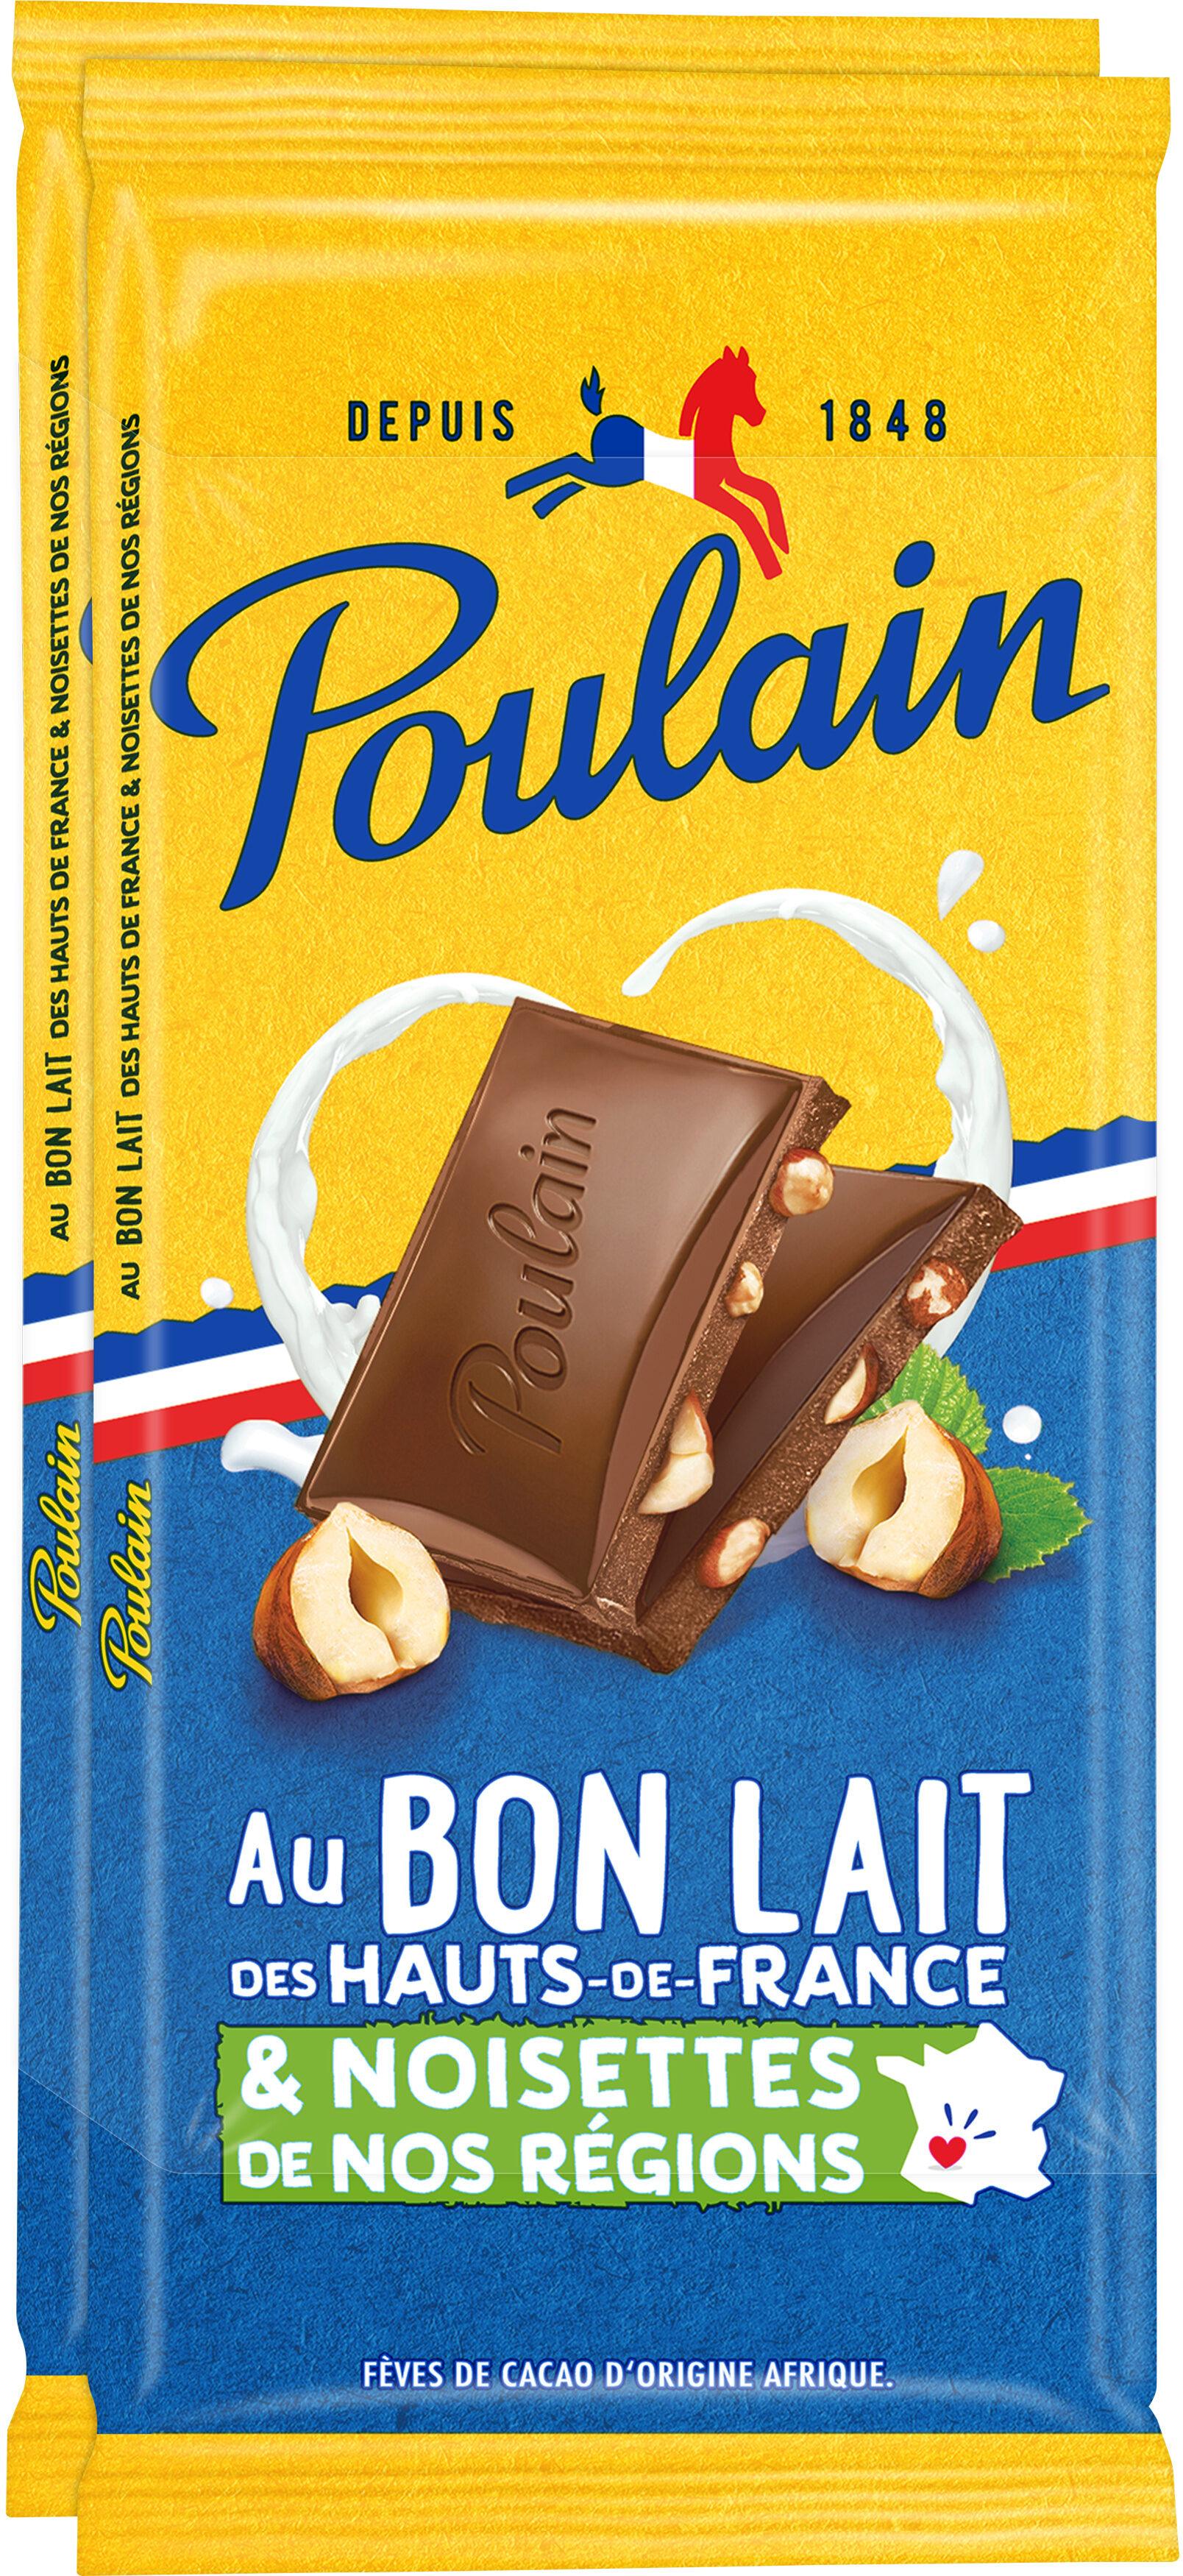 Au Bon Lait de Nos Régions Noisettes - Chocolat au lait extra-fin - Producto - fr